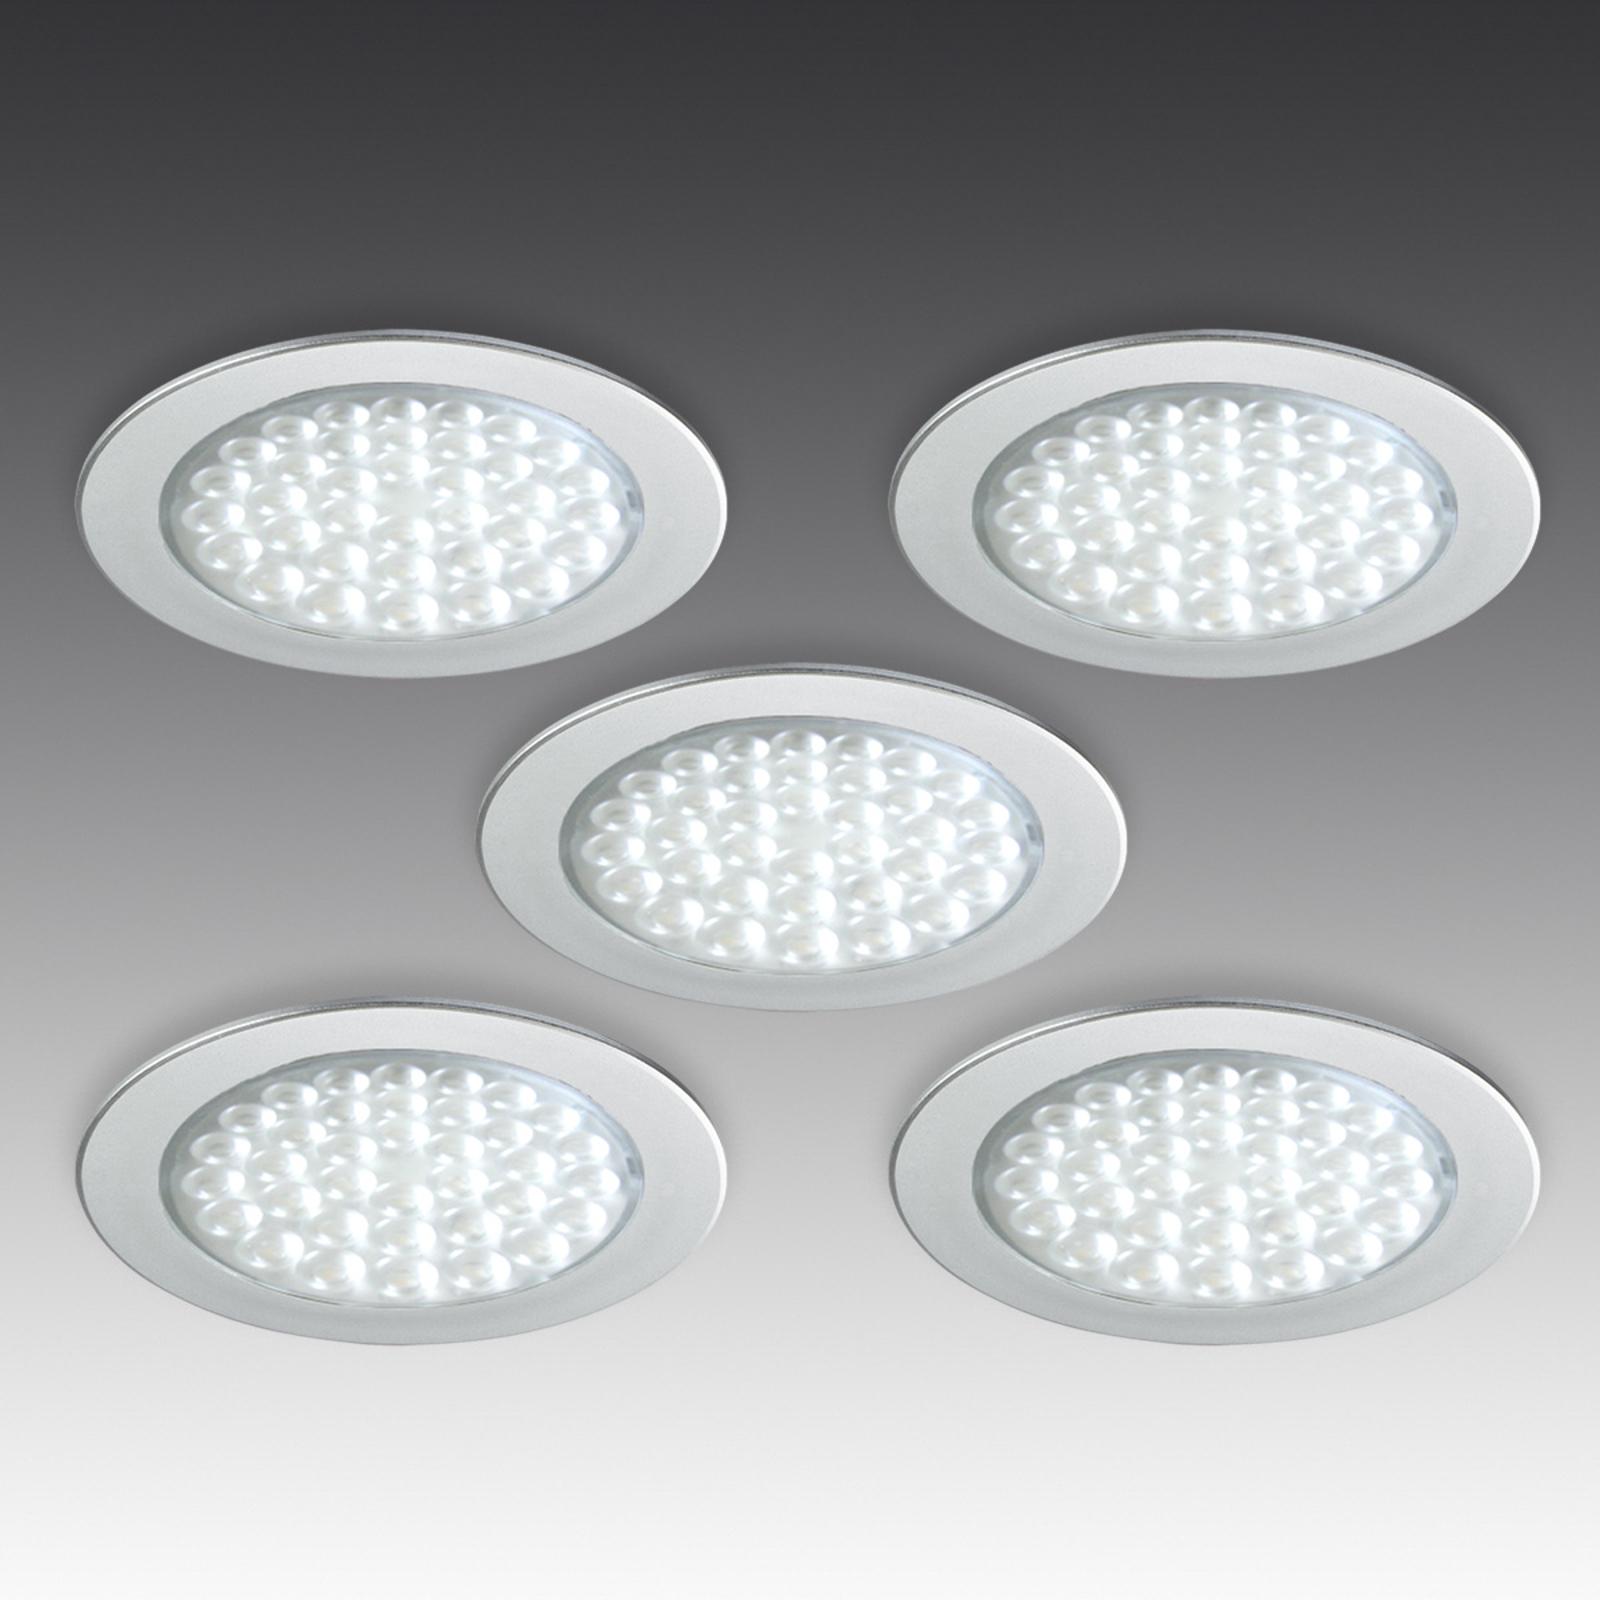 R 68-LED inbyggnadsspot, 5dels-set